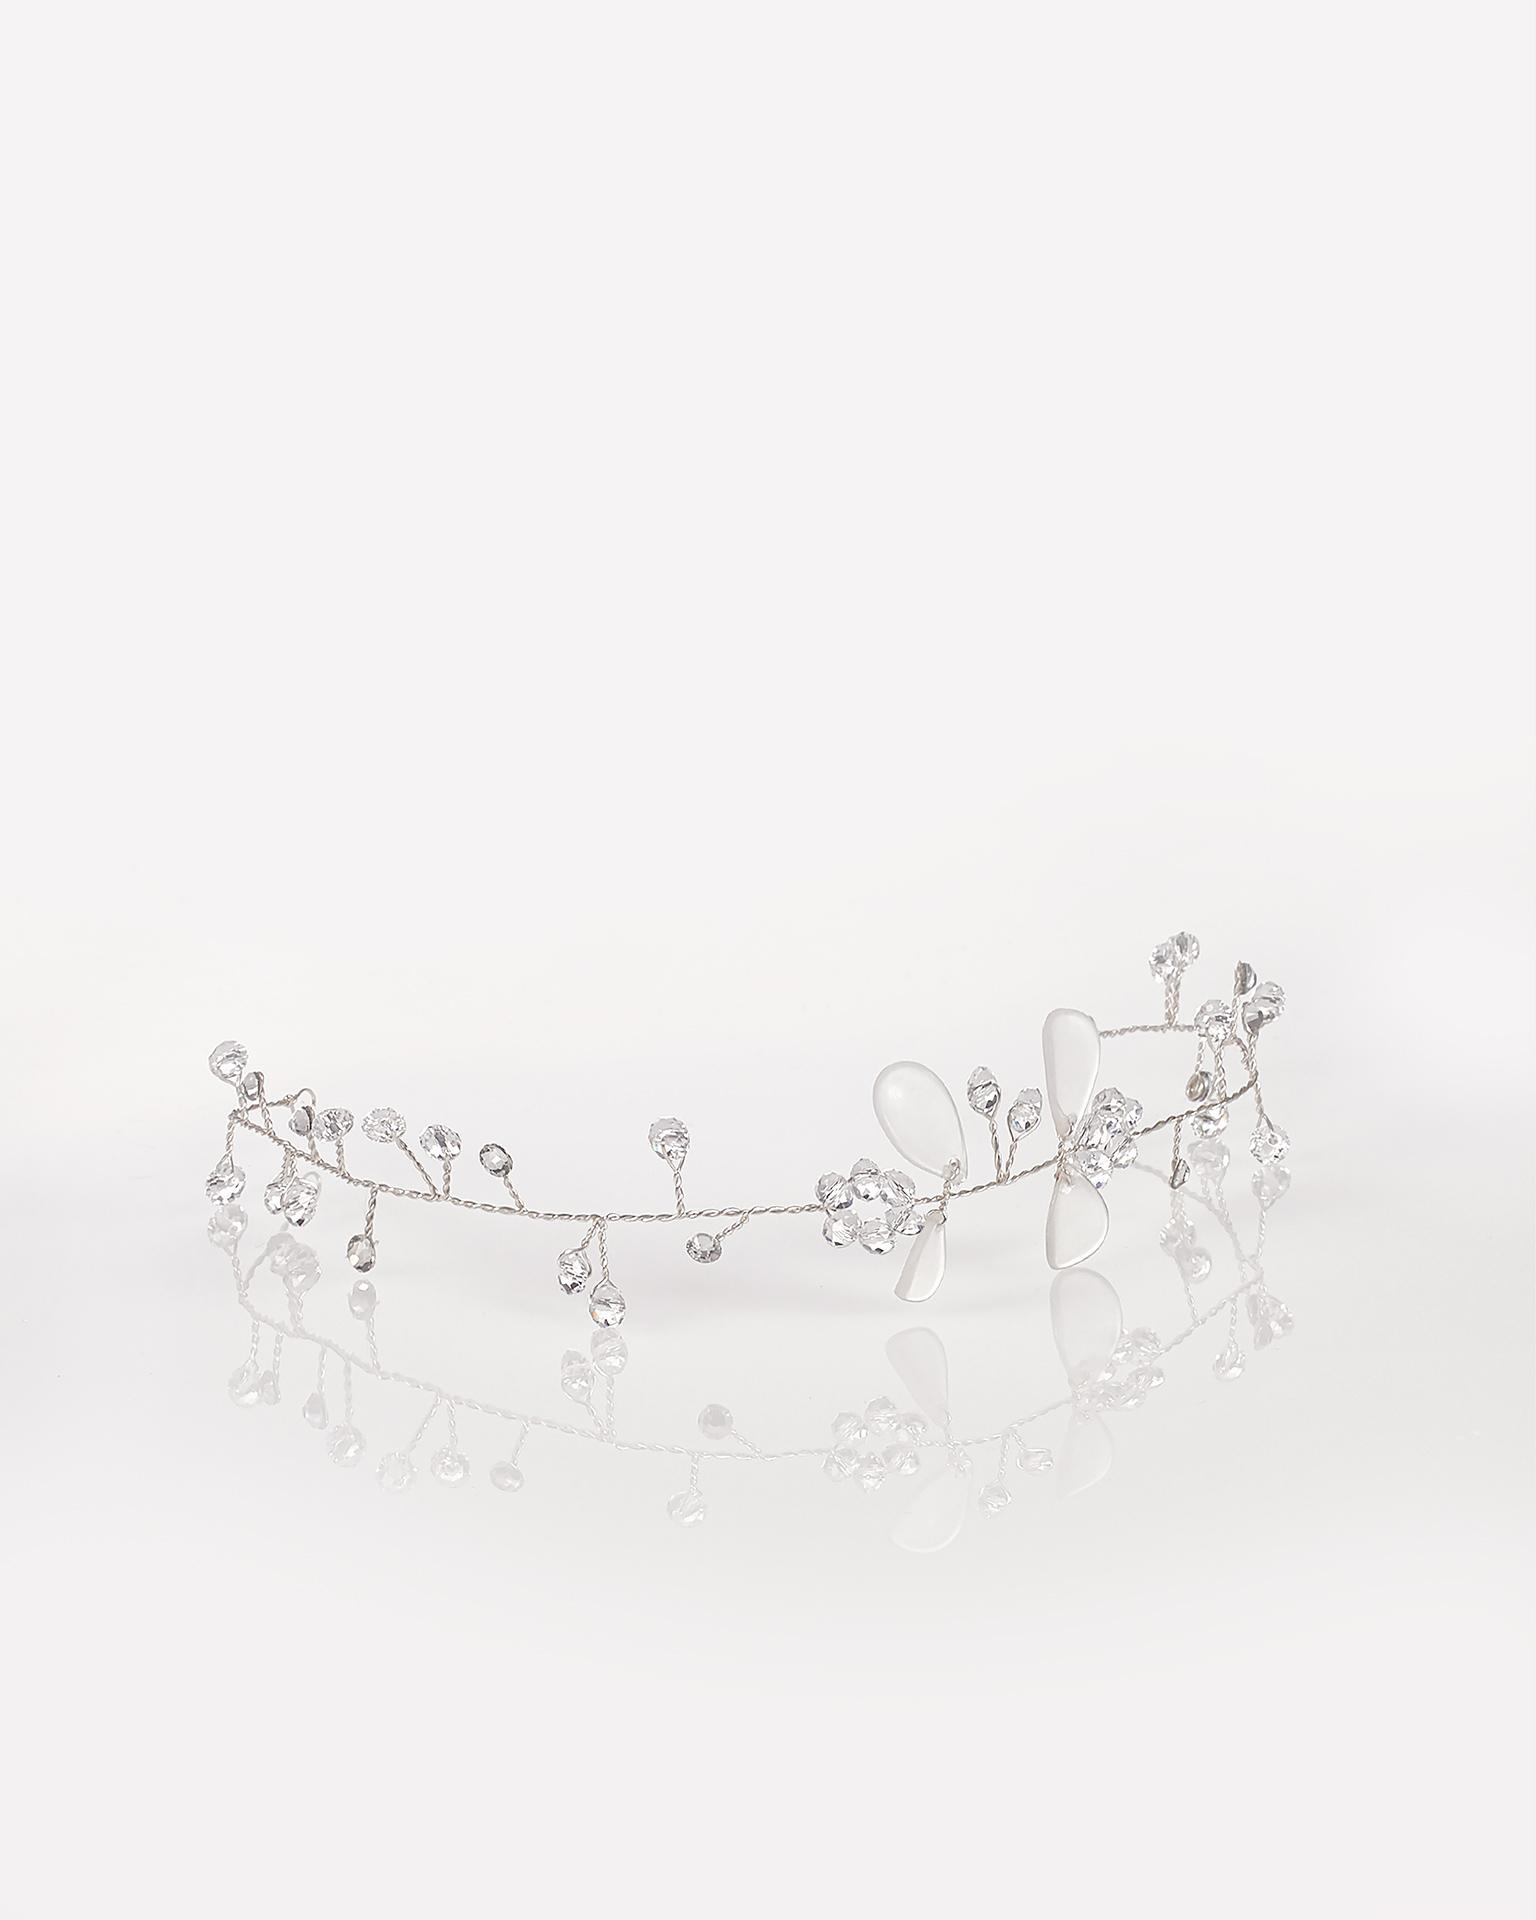 银色银丝头饰。 AIRE BARCELONA 新品系列 2018.